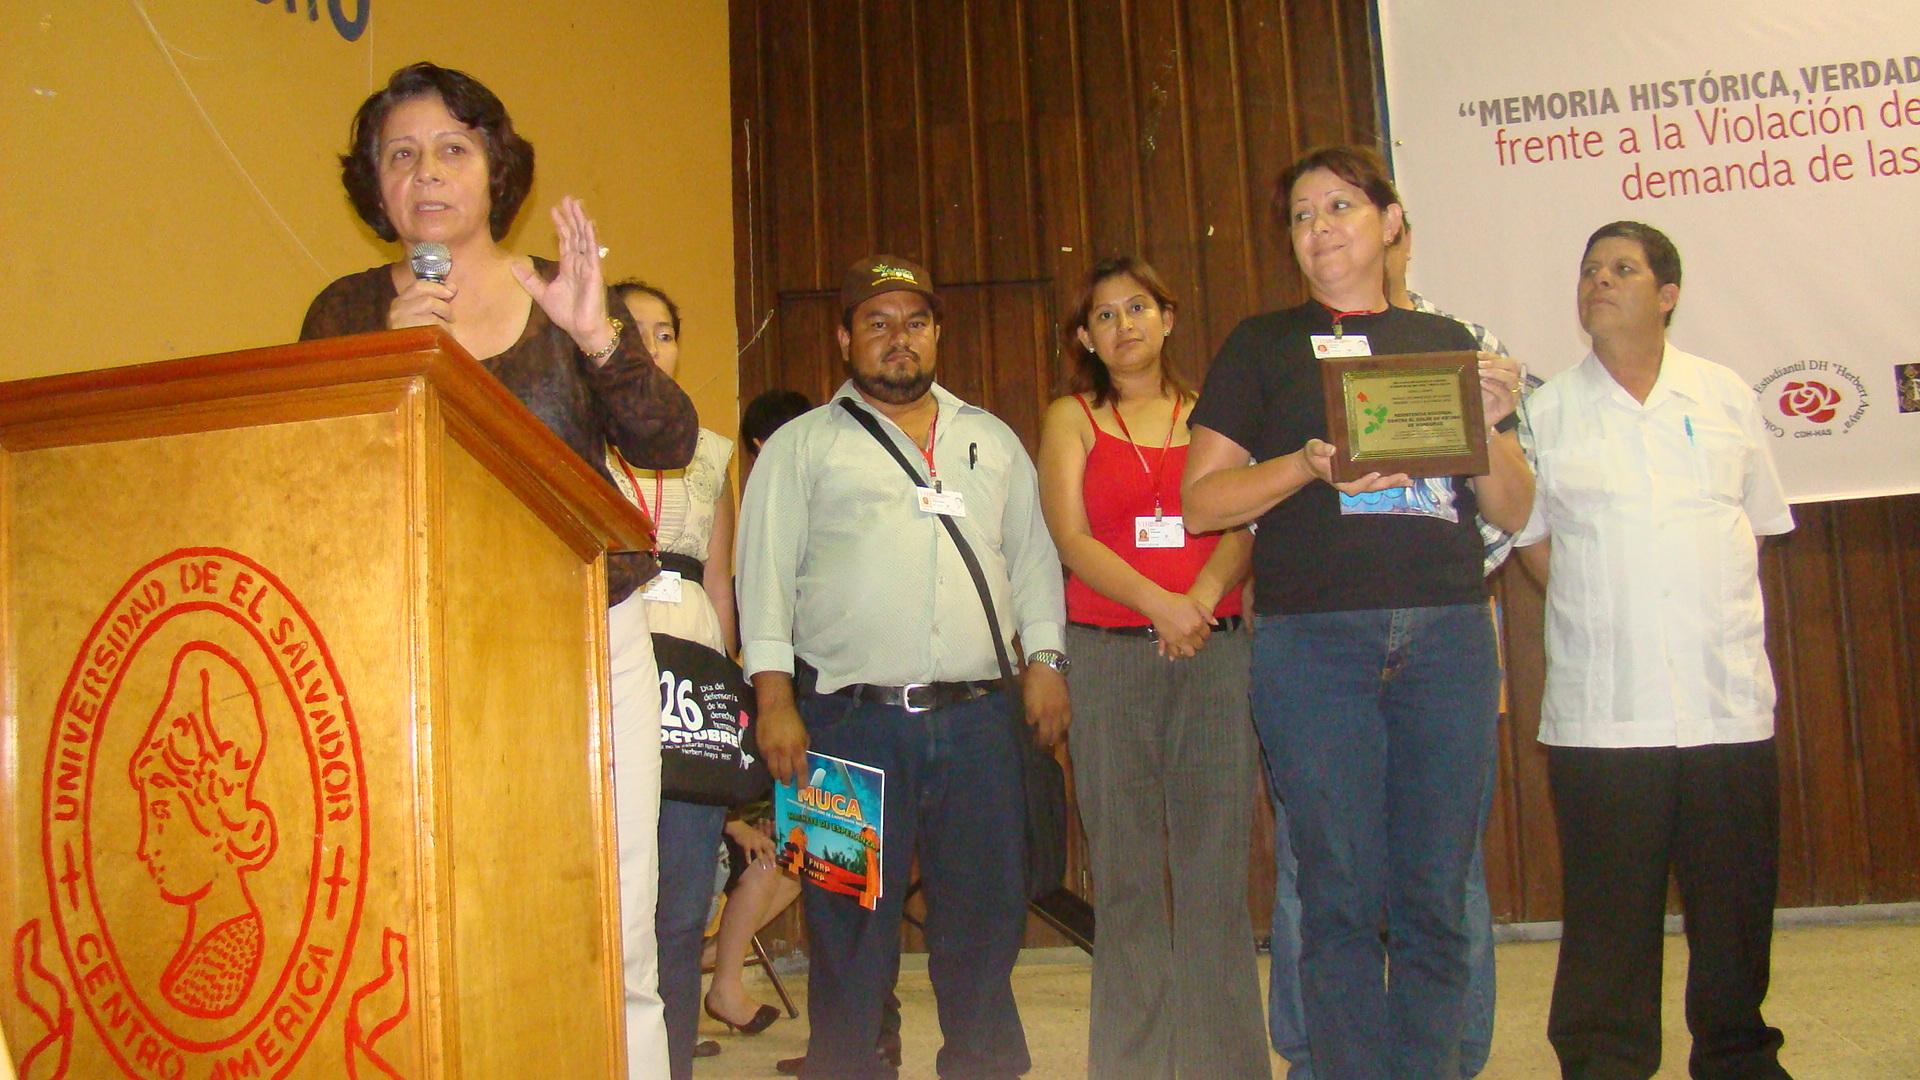 Entregan premio internacional de DD.HH. a resistencia hondureña (F.N.R.P)